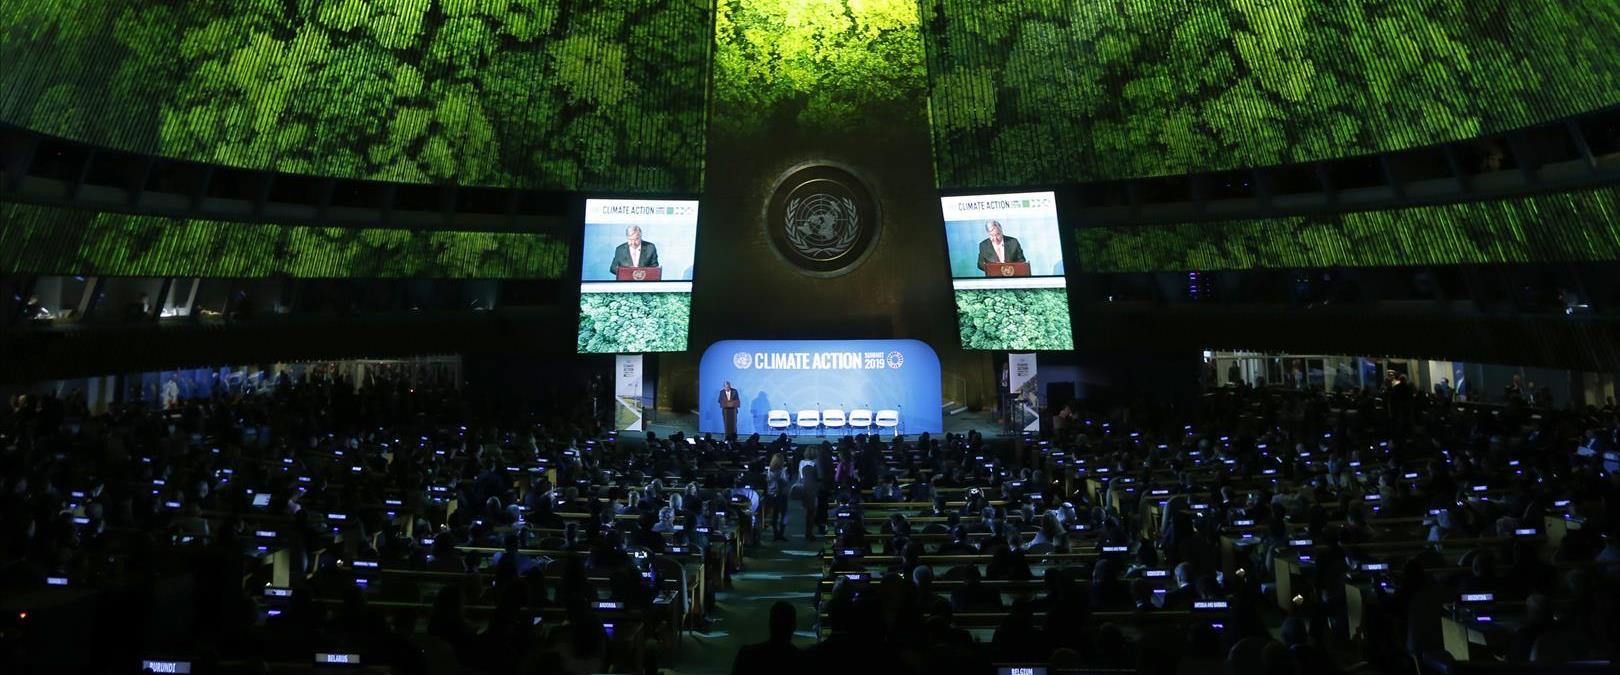 """מזכ""""ל האו""""ם אנטוניו גוטרש בוועידת האקלים בעצרת הכל"""